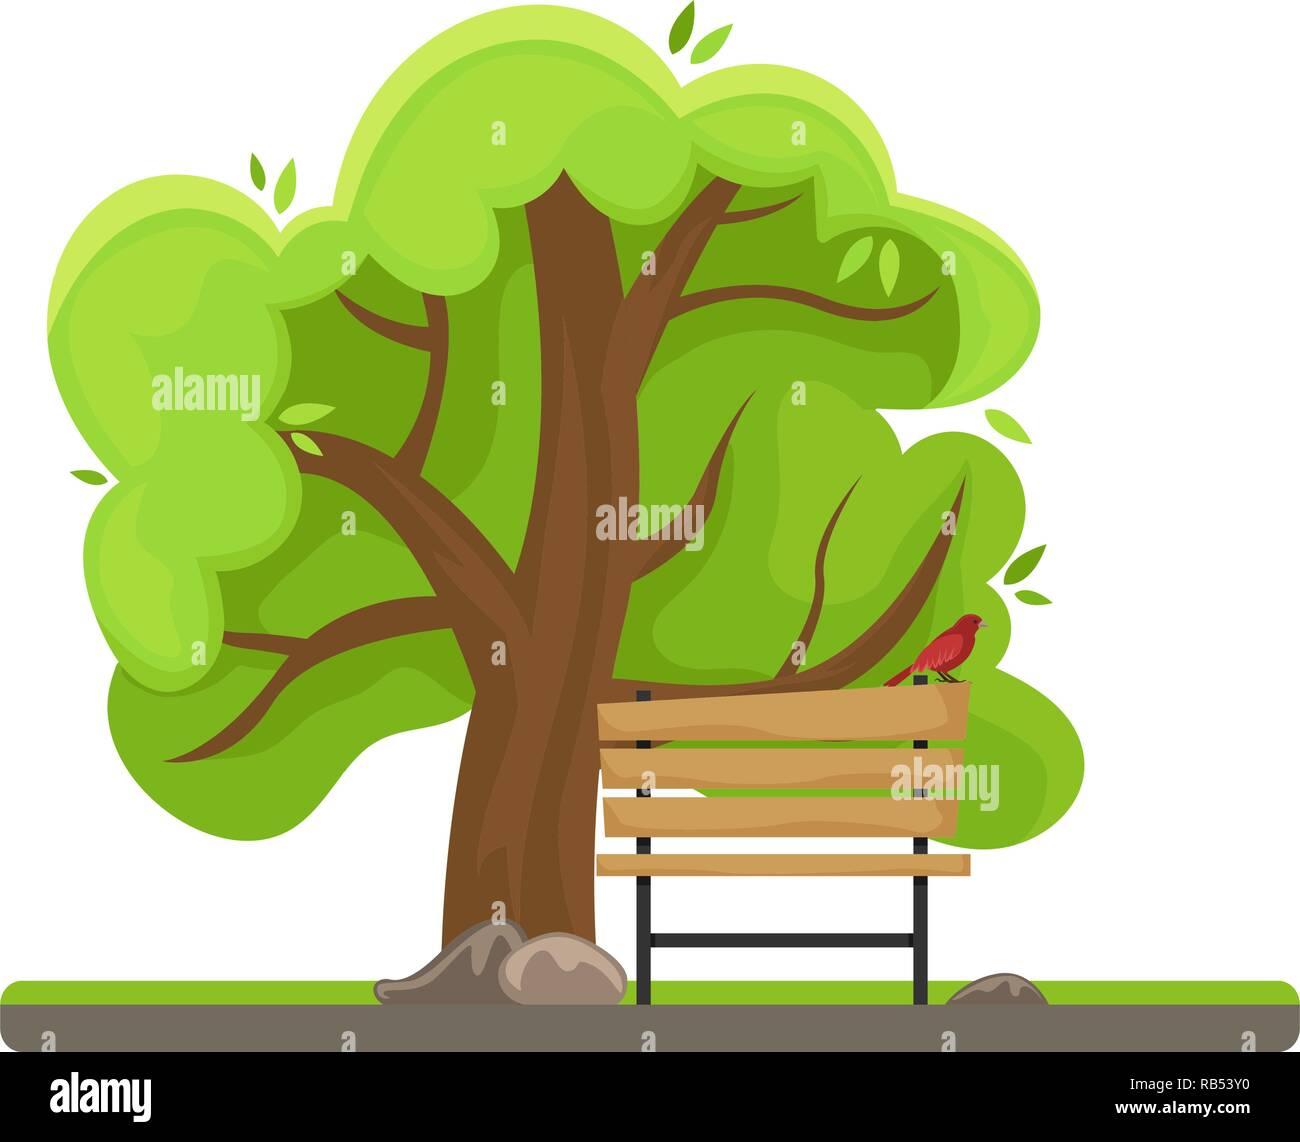 árbol De Primavera Banco Con Un Pájaro Imagen Aislada Día Soleado